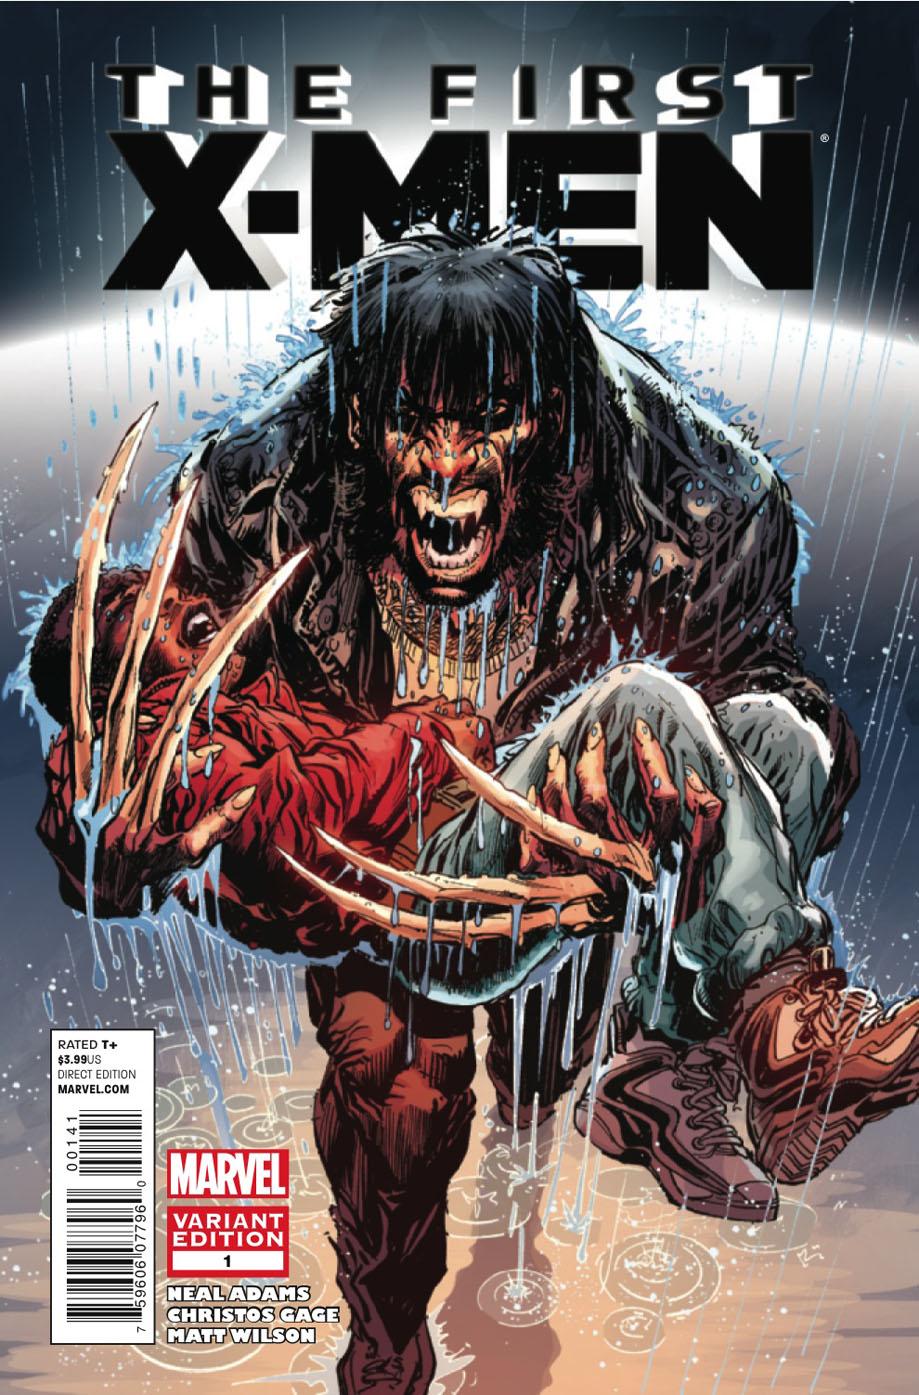 The First X-Men Firstxmen1c